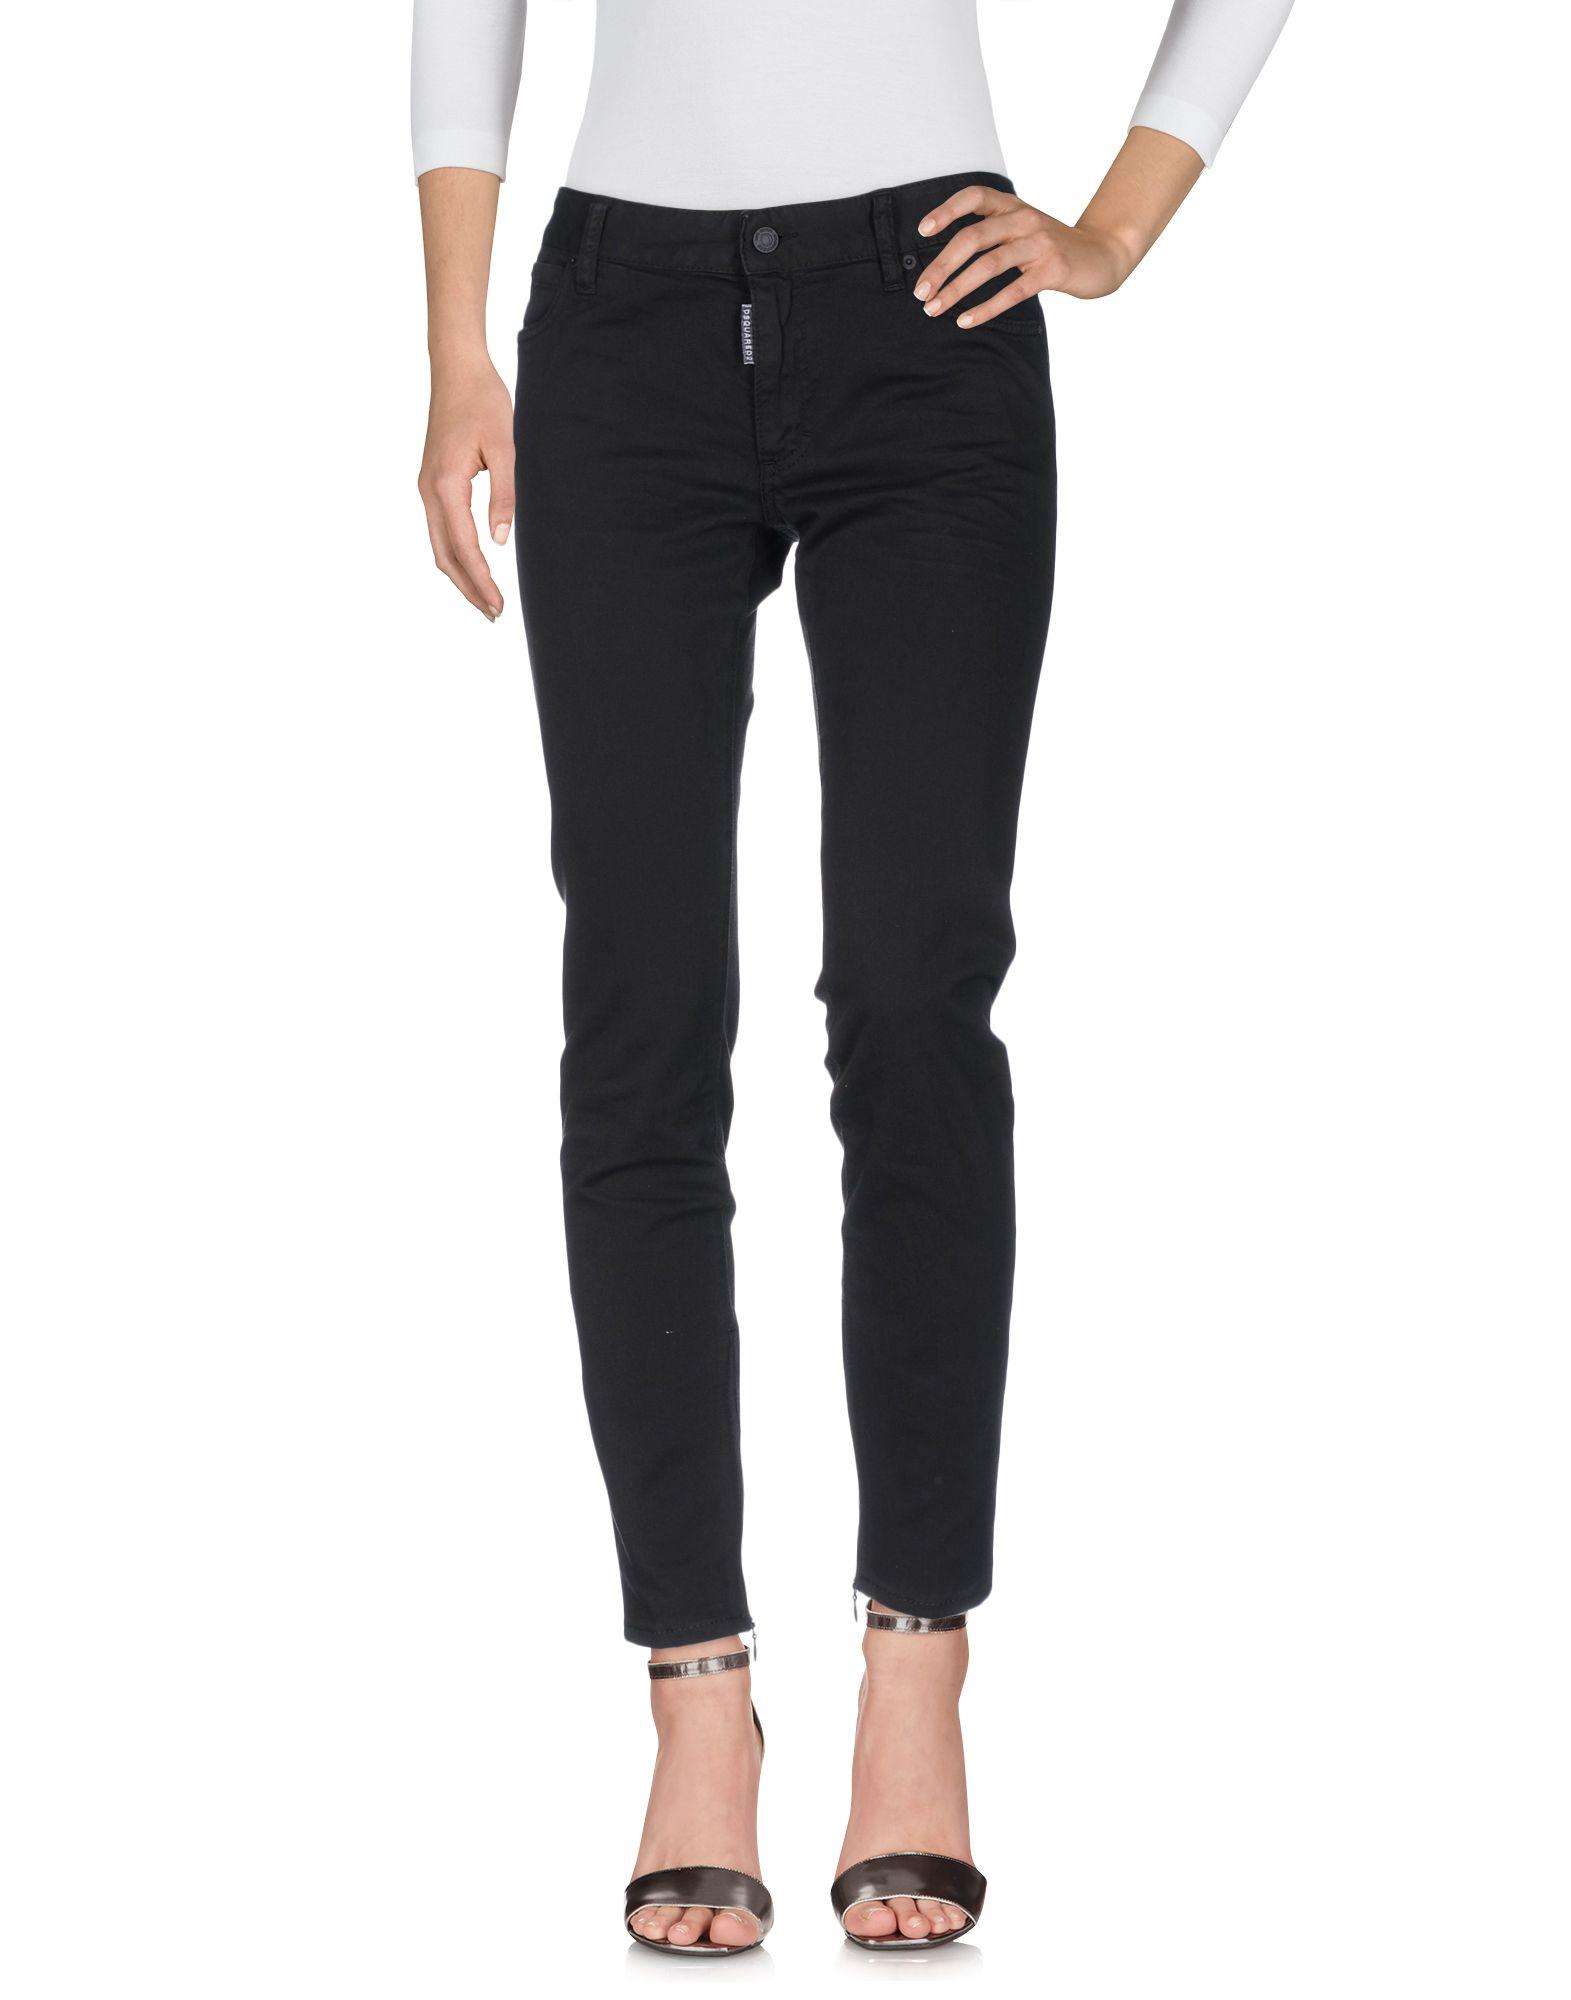 Pantaloni Jeans Dsquared2 Donna - Acquista online su dPMbWiqNX